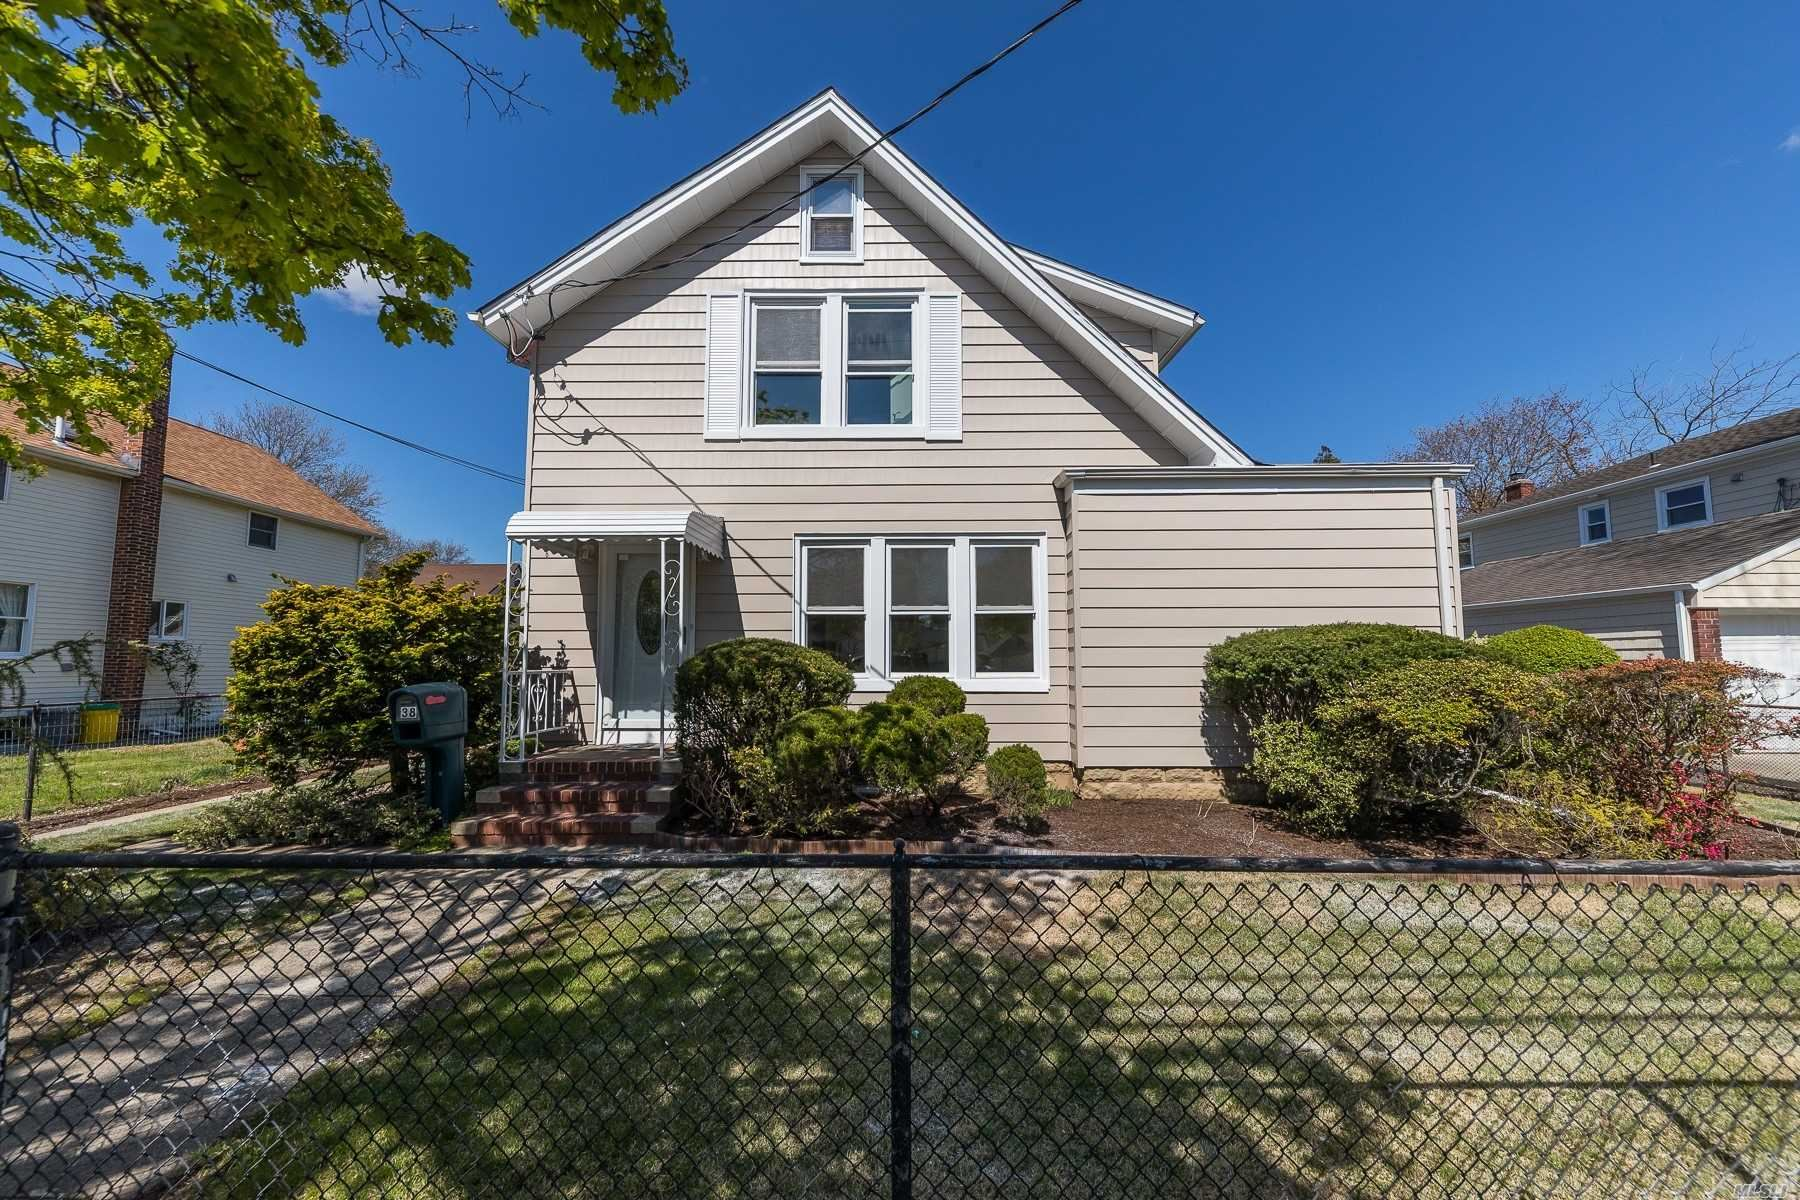 38 Lloyd Ave, Lynbrook, NY 11563 - MLS#: 3212834